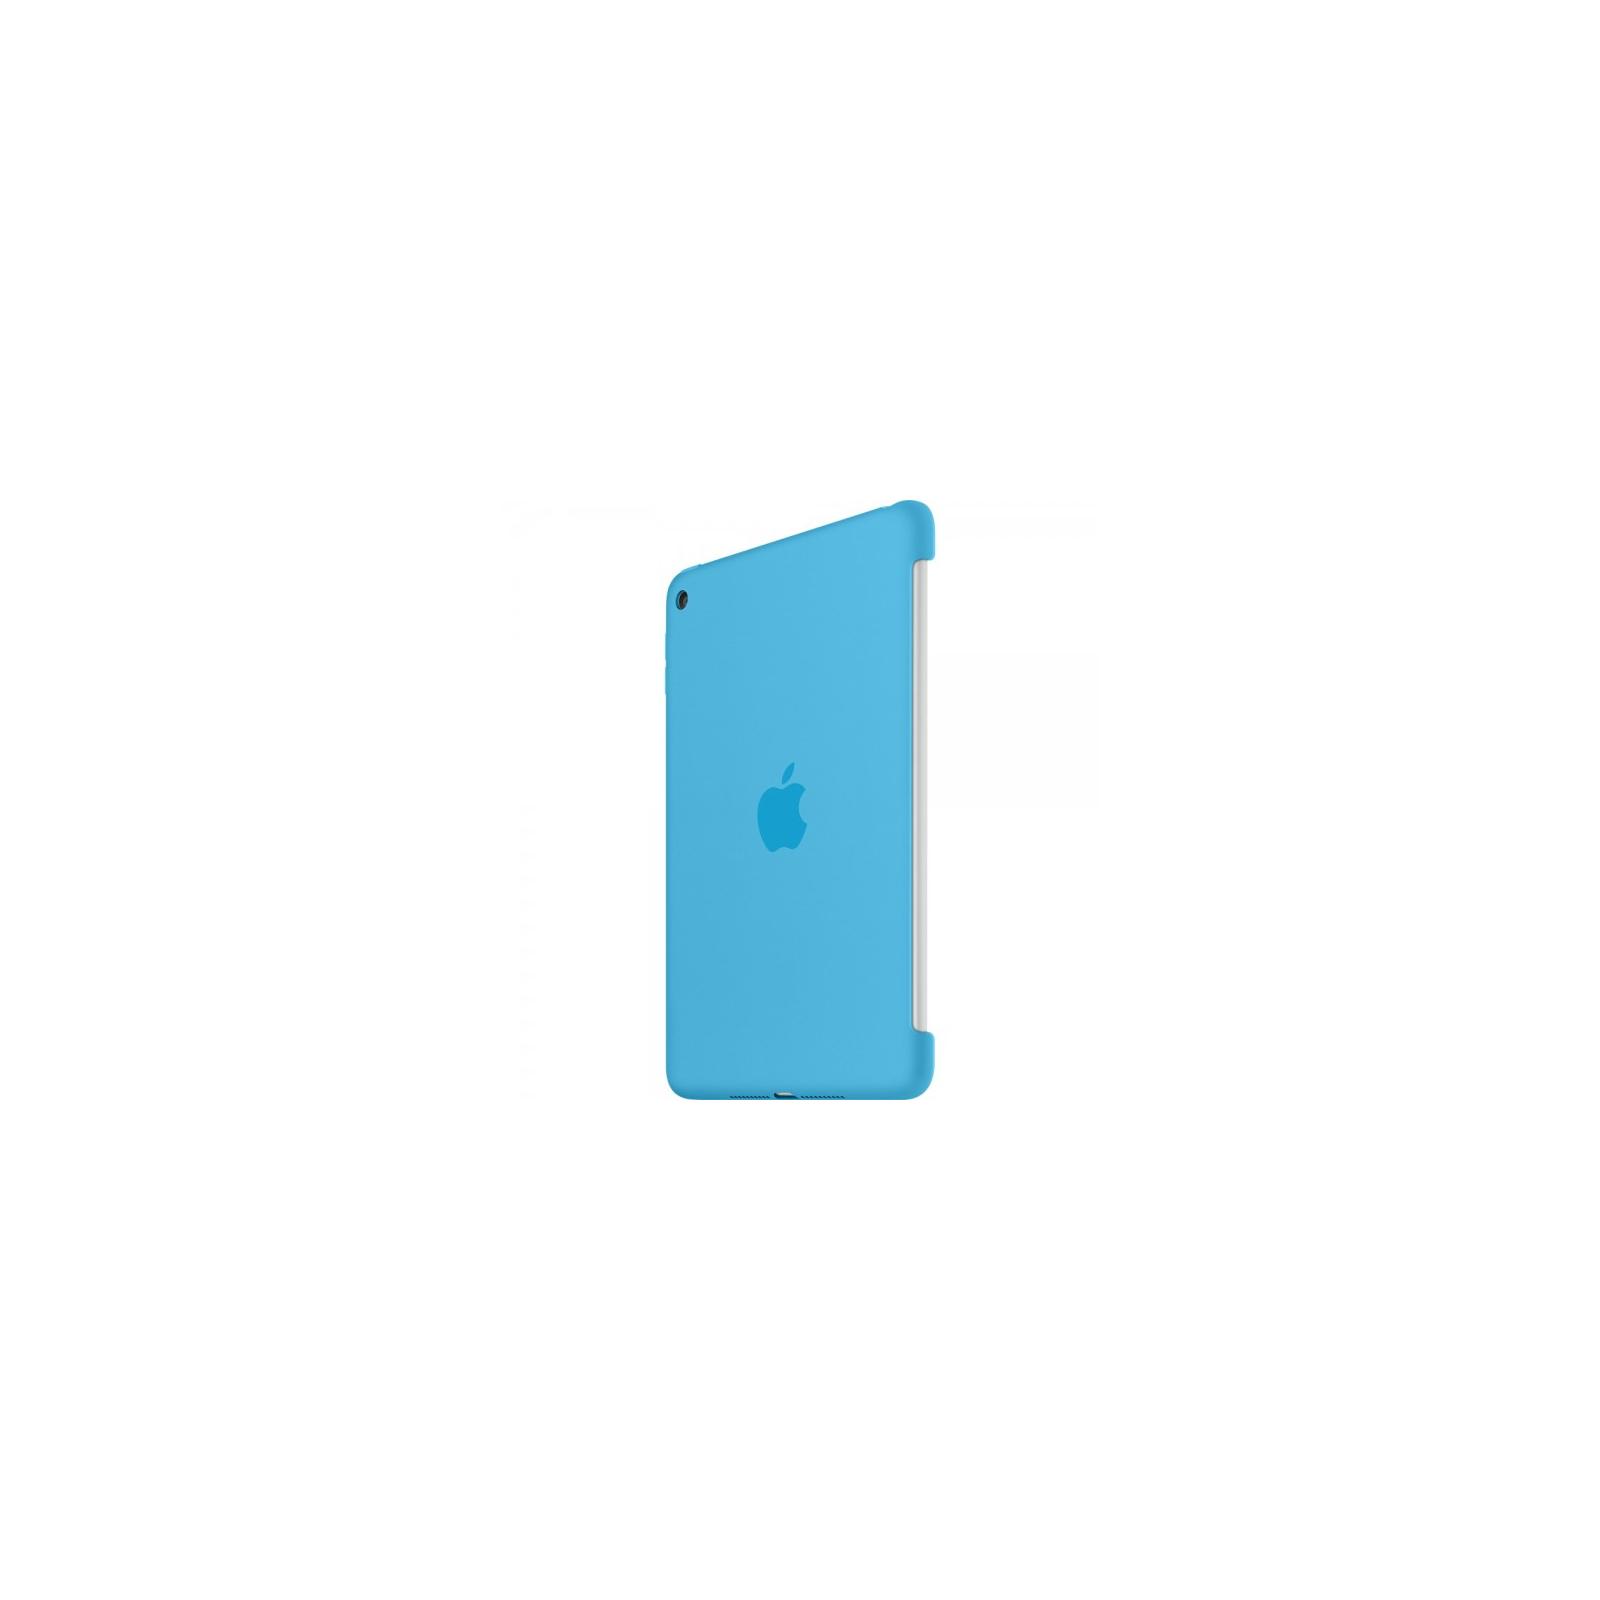 Чехол для планшета Apple iPad mini 4 Blue (MLD32ZM/A) изображение 2